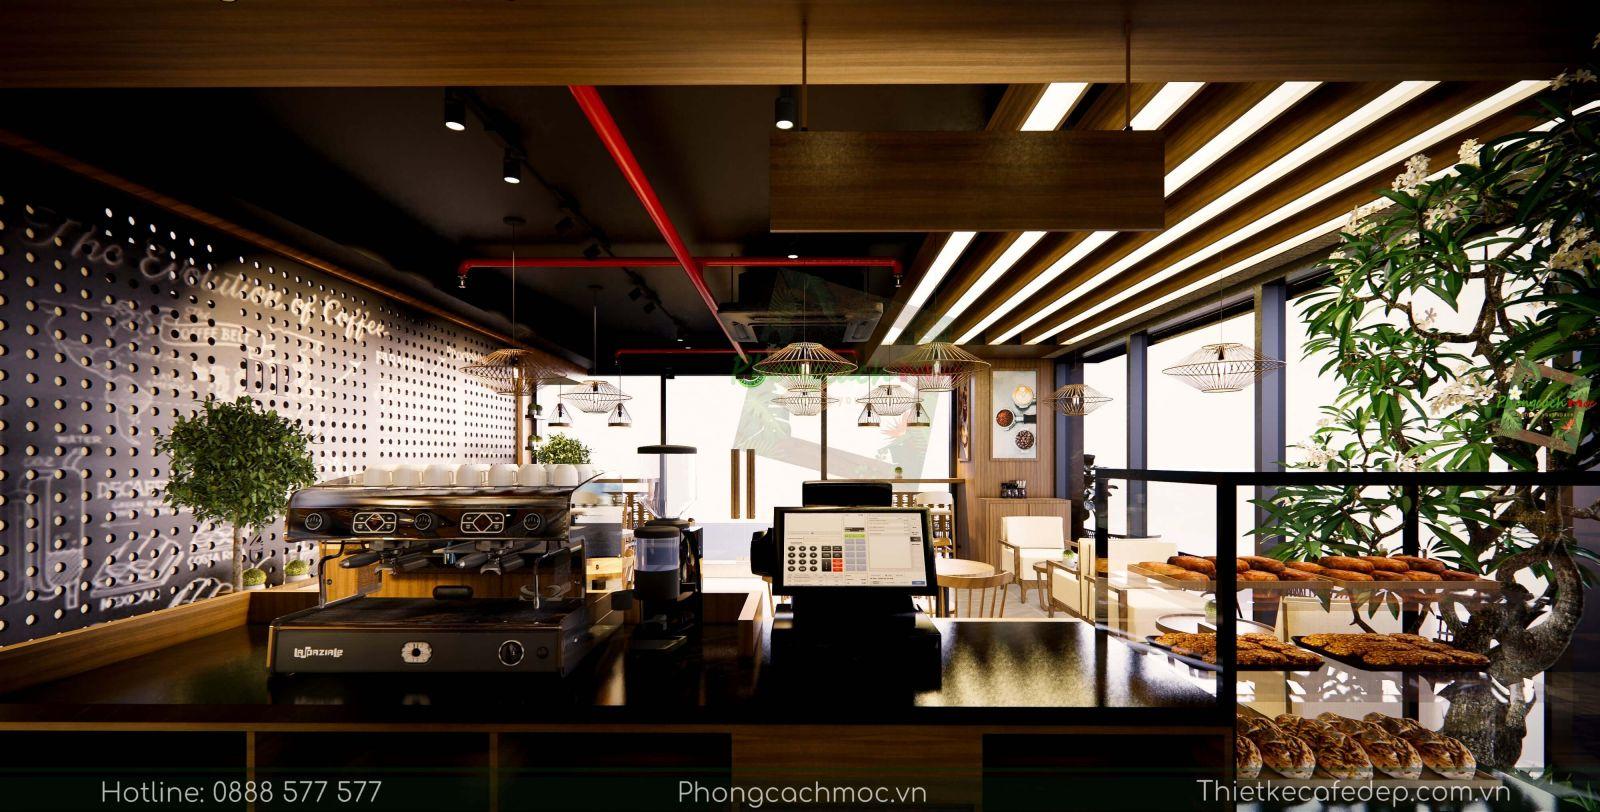 thiet-ke-quan-cafe-hien-dai-dp-coffee-tai-thu-duc-12